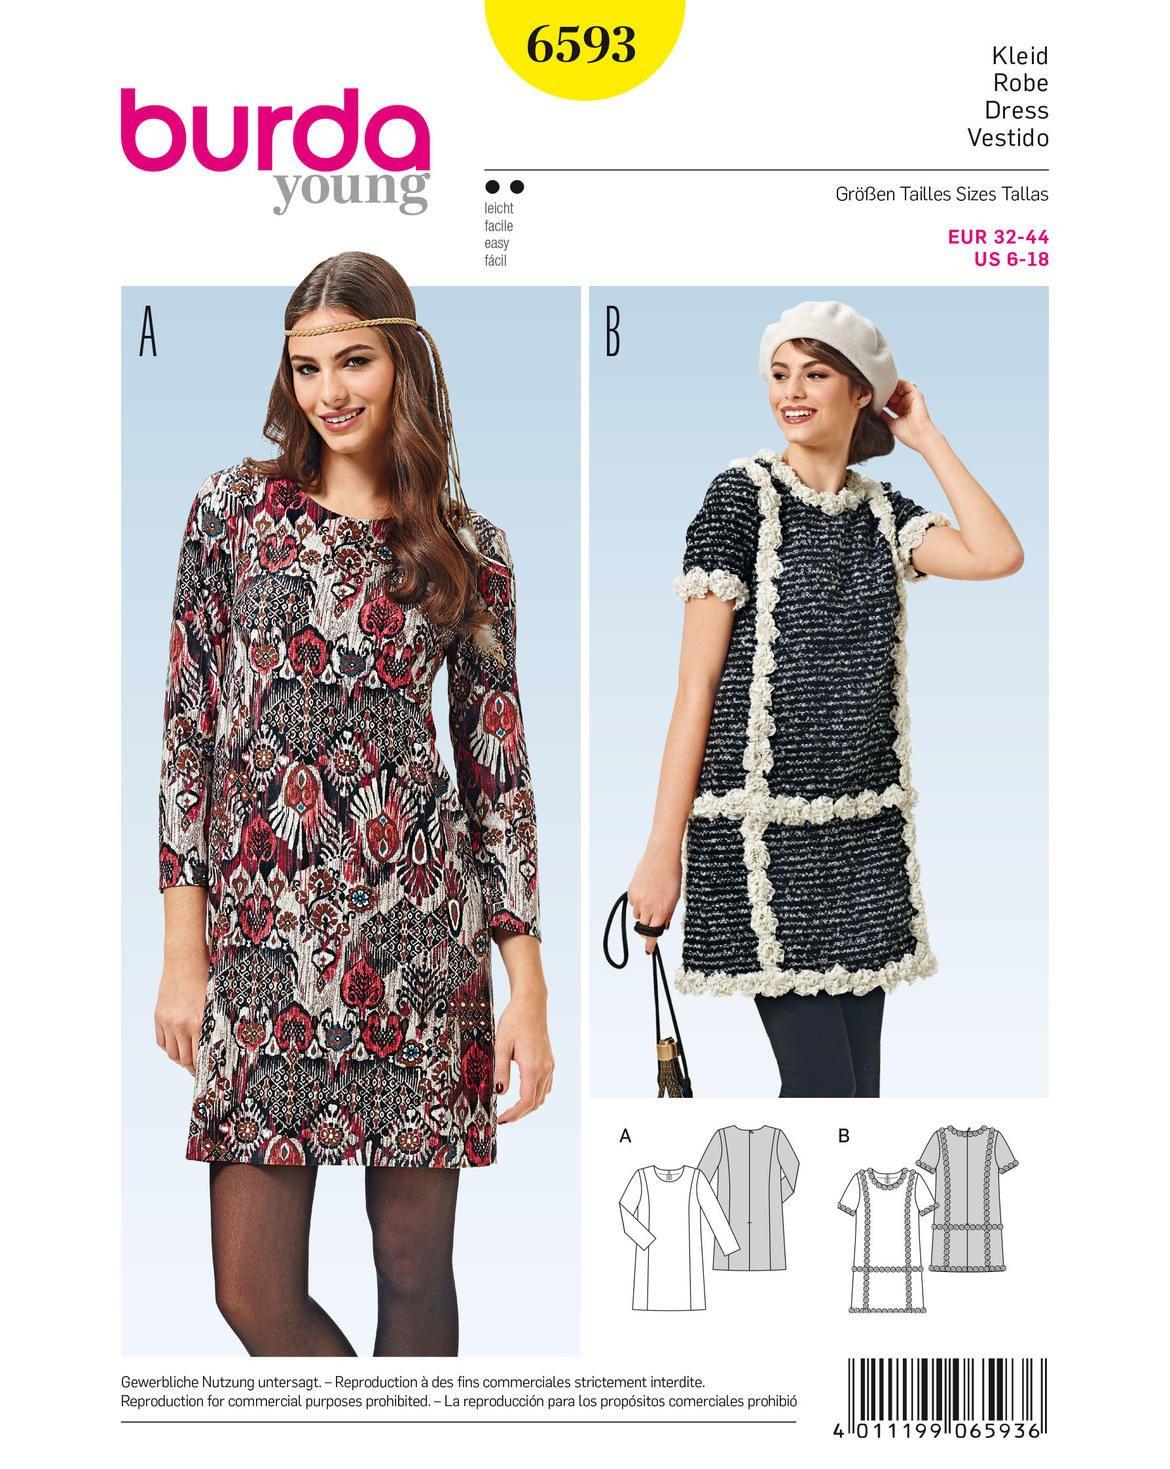 Formal Luxus Kleid Gerade Form Bester PreisDesigner Schön Kleid Gerade Form Vertrieb